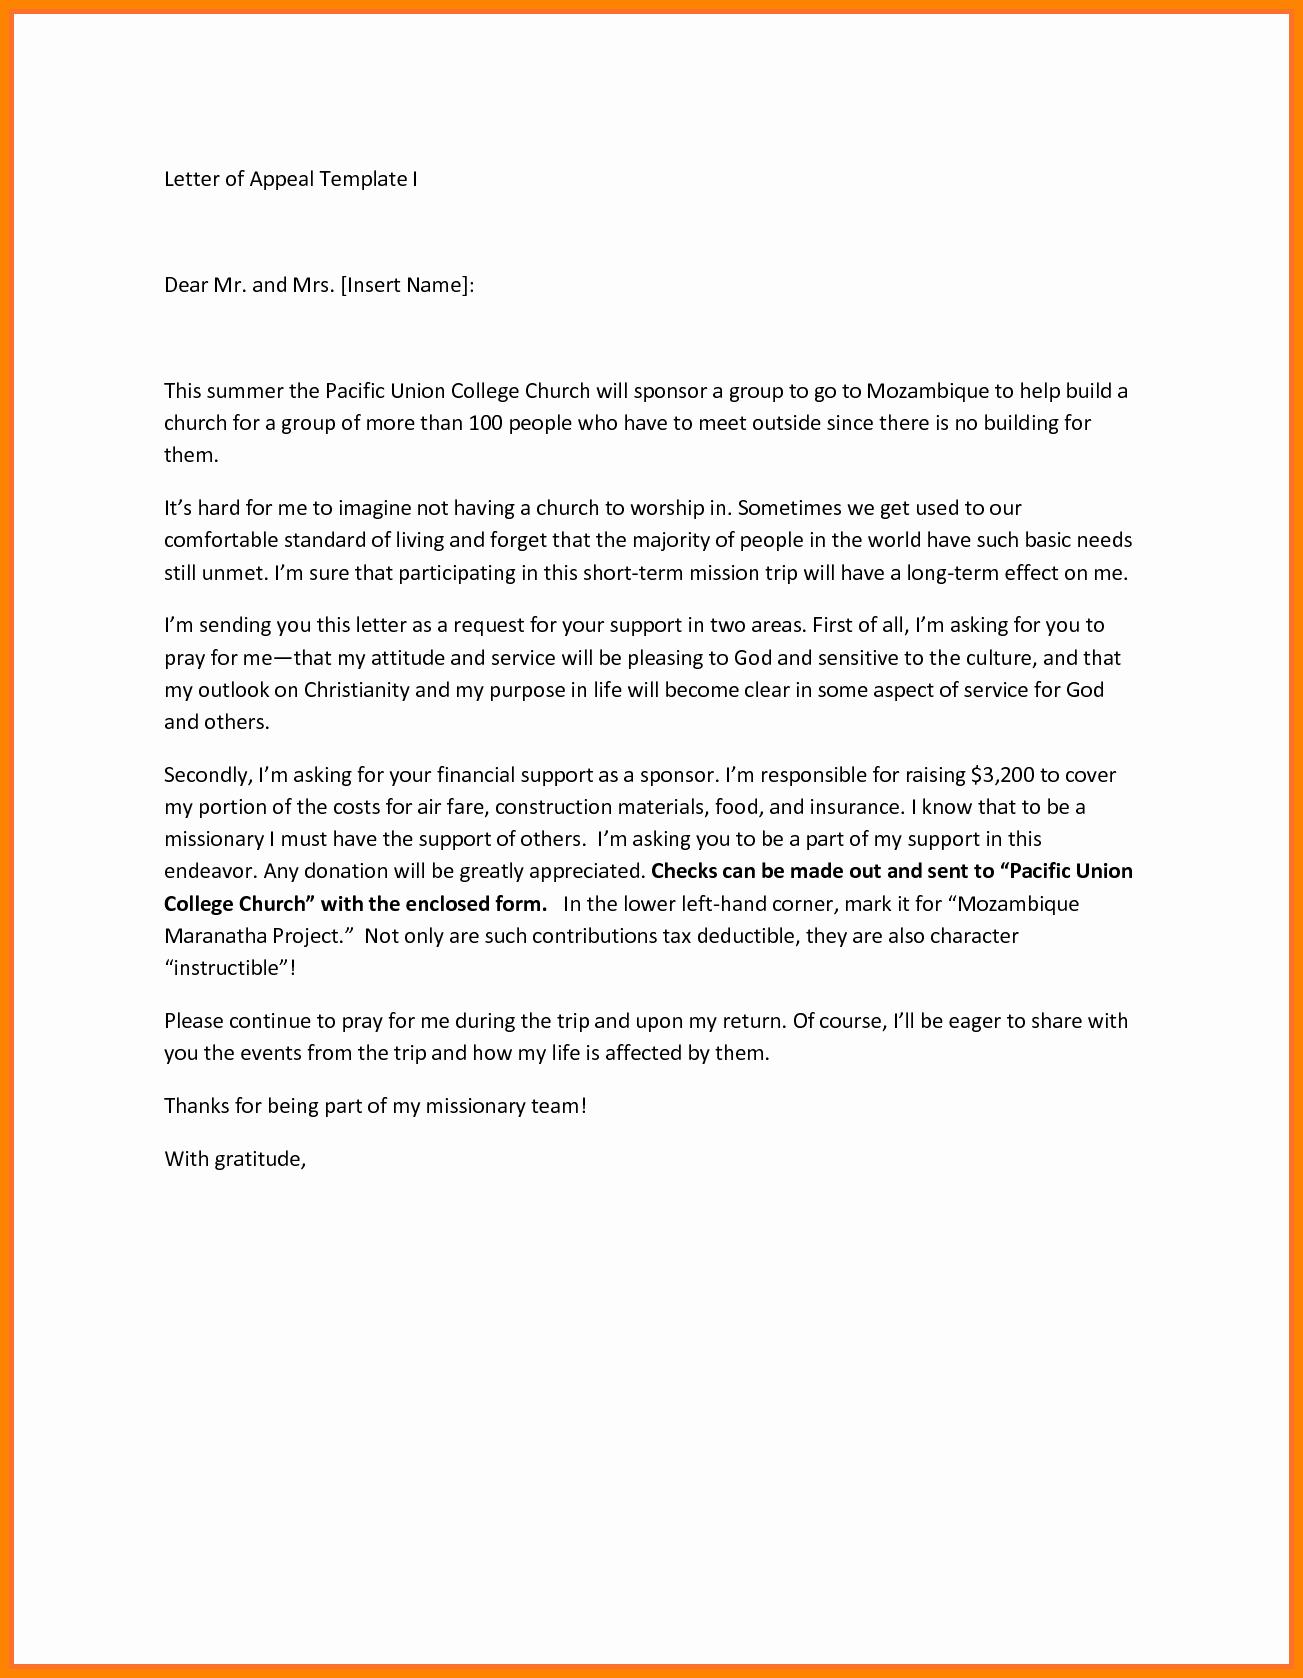 Academic Appeal Letter Sample Elegant 11 College Academic Appeal Letter